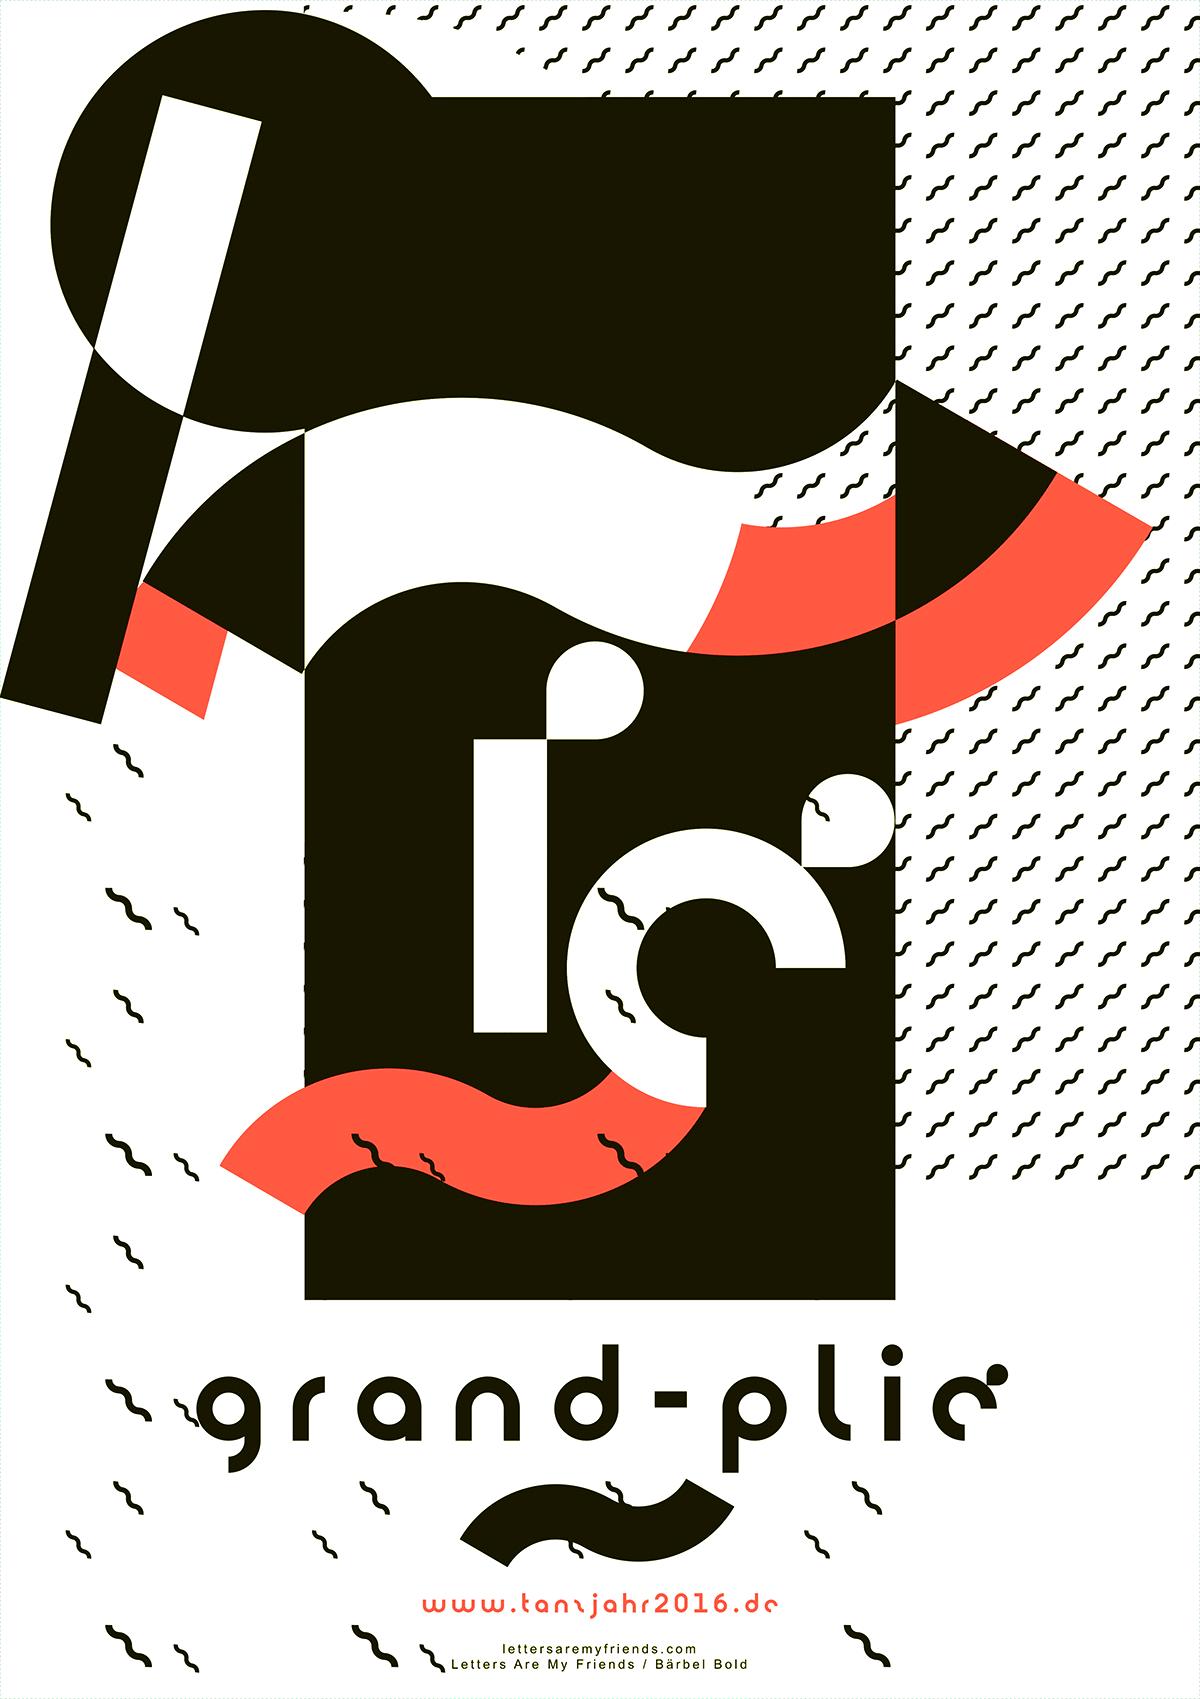 Plakat Design, Tanzjahr 2016